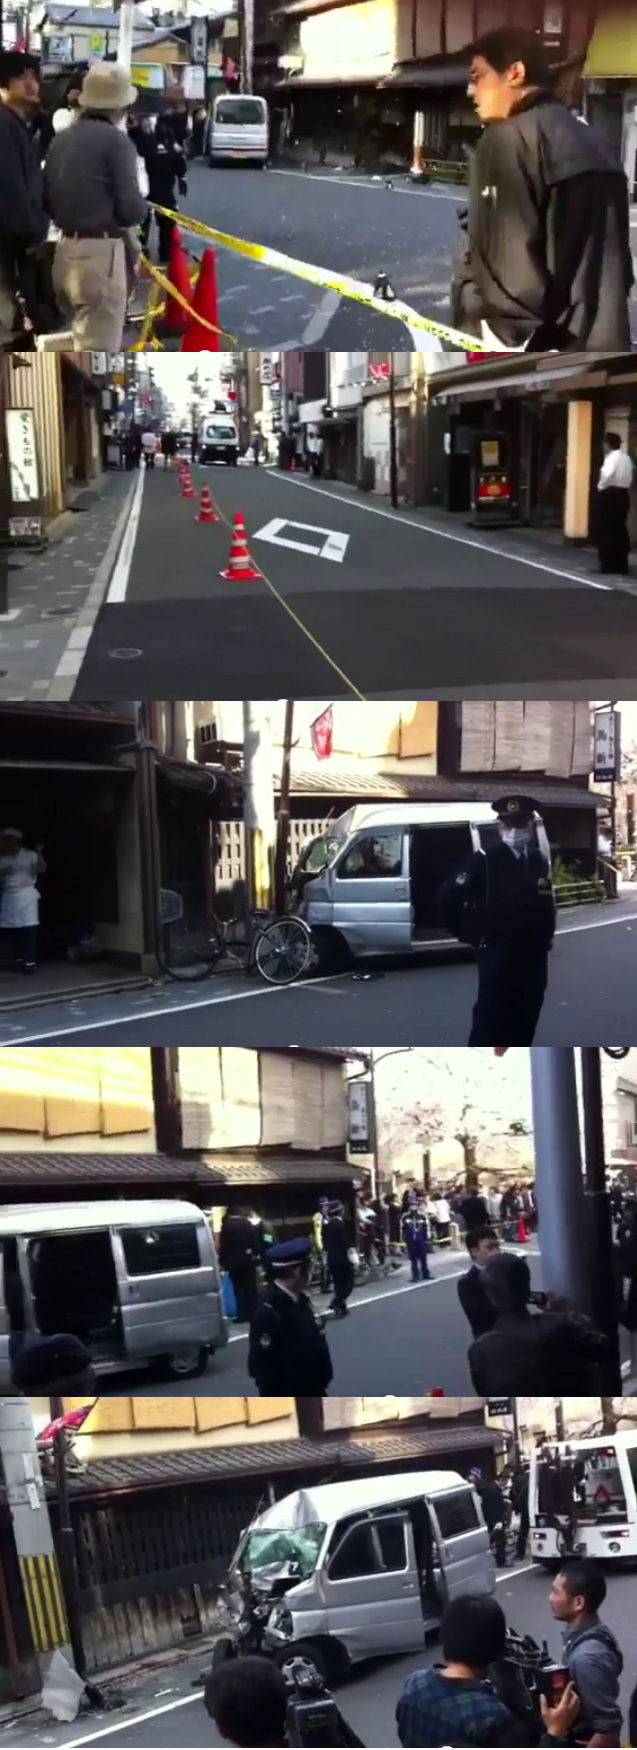 https://livedoor.blogimg.jp/affiri009-001/imgs/5/4/54040156.jpg